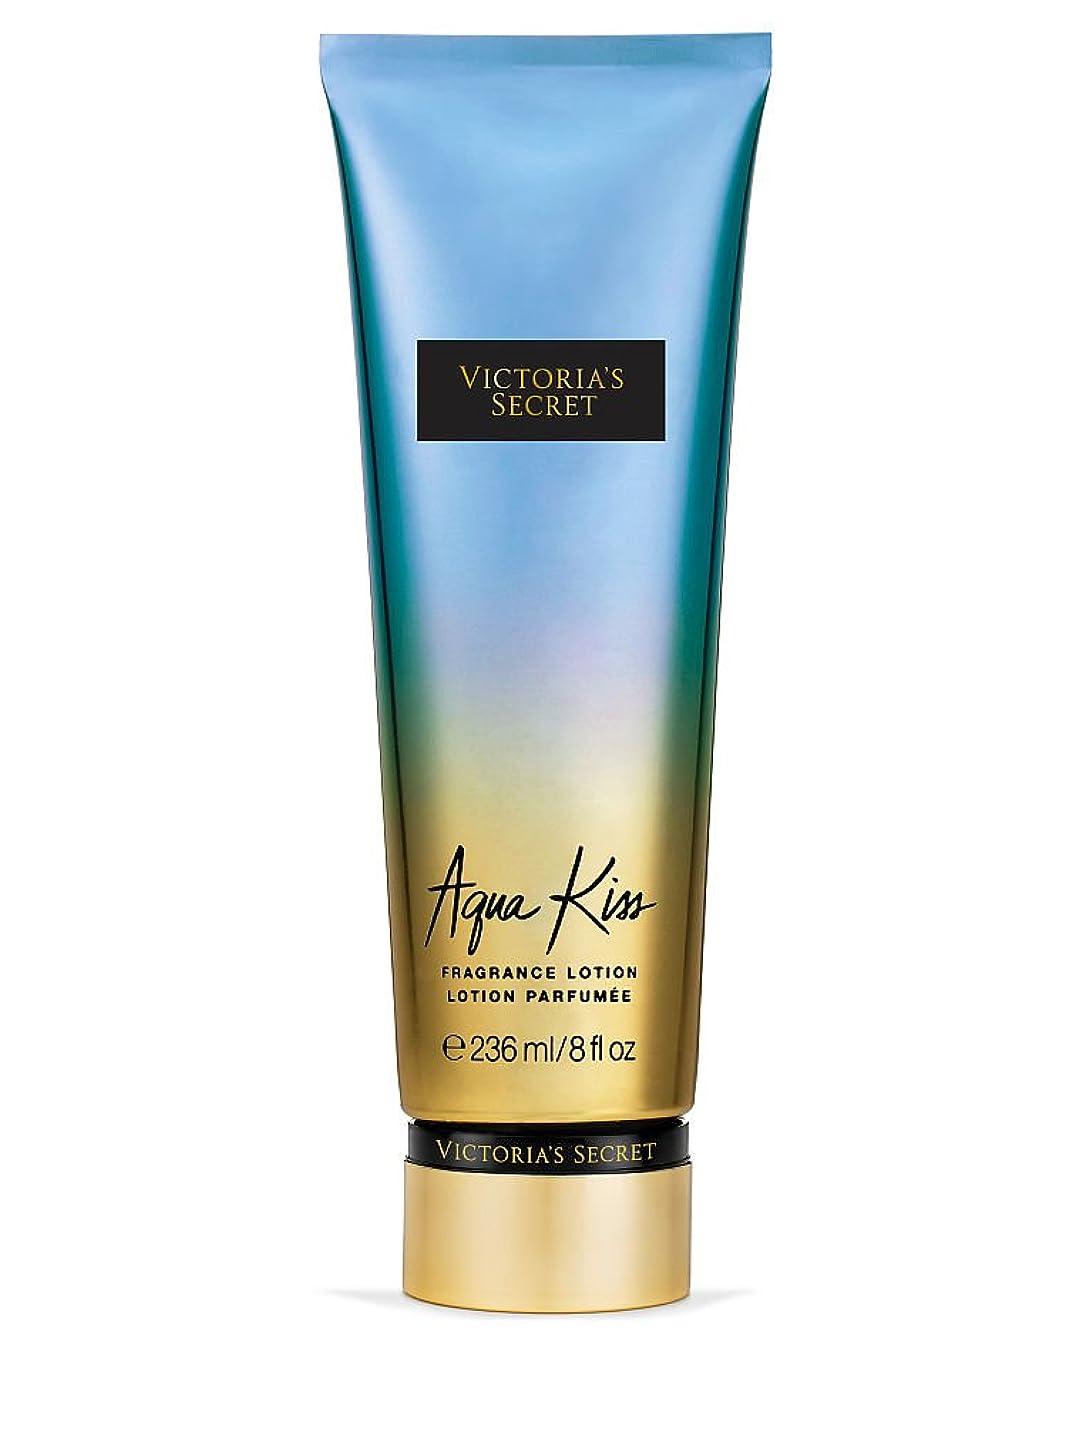 アルカトラズ島バレエ泥だらけVictoria's Secret ヴィクトリアシークレット Aqua Kiss Fragrance Lotion フレグランス ボディーローション アクアキス 236ml [並行輸入品]